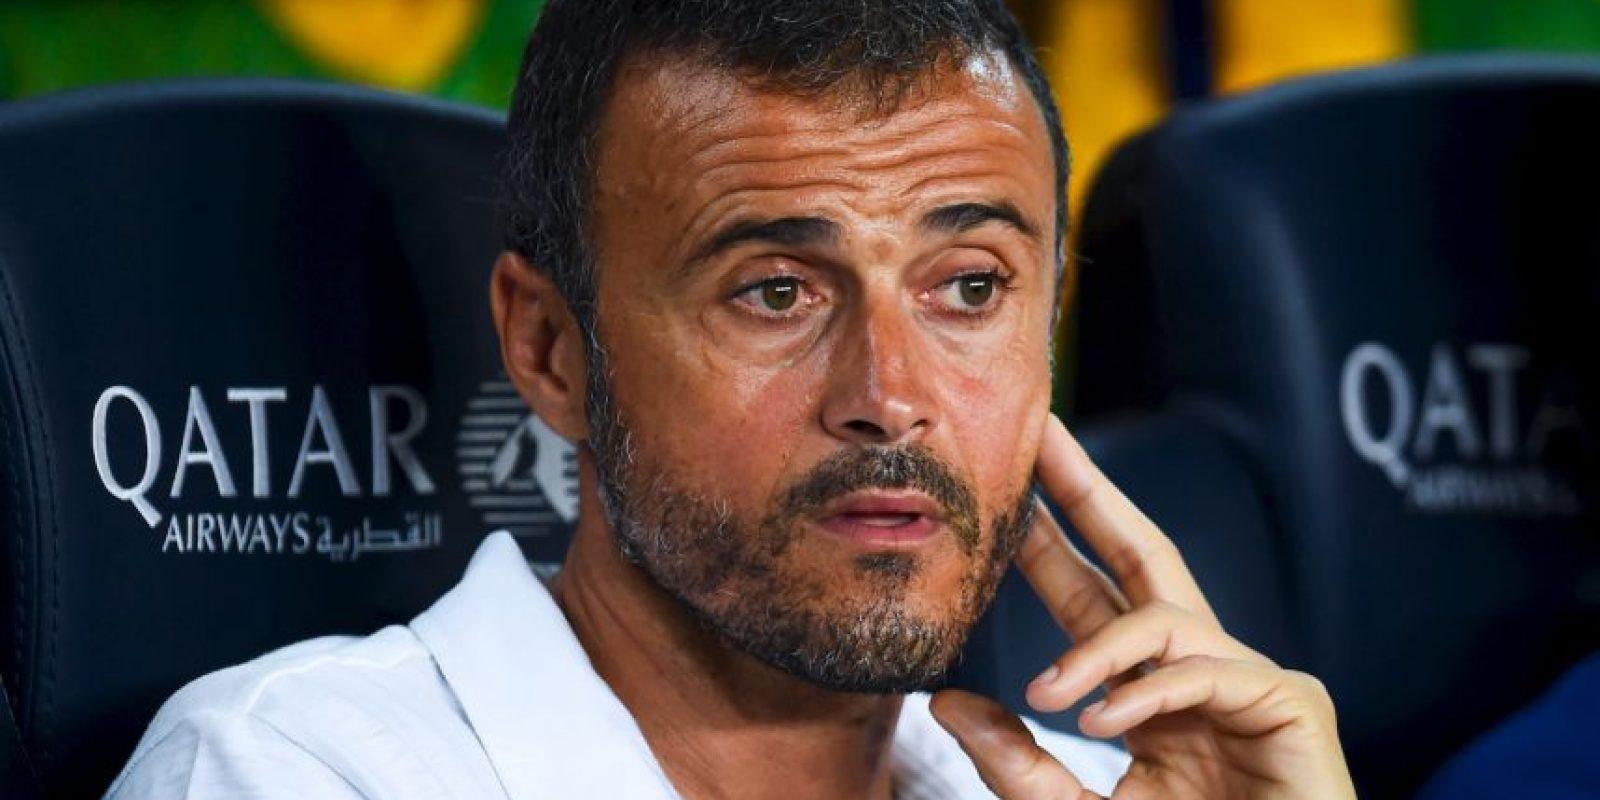 El español recibe mejor sueldo que Andrés Iniesta y Sergio Busquets (7.5 millones de euros) e Iván Rakitic (7 millones de euros). Foto:Getty Images